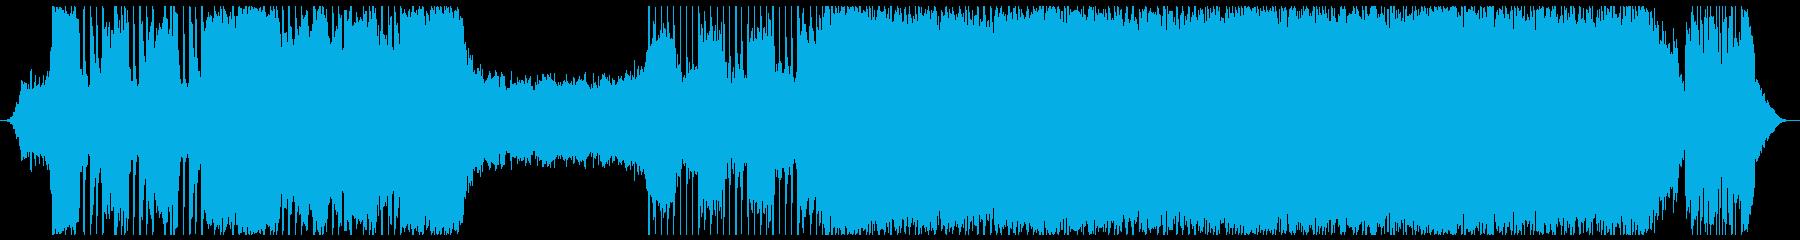 スポーティーなロック (60 Ver)の再生済みの波形